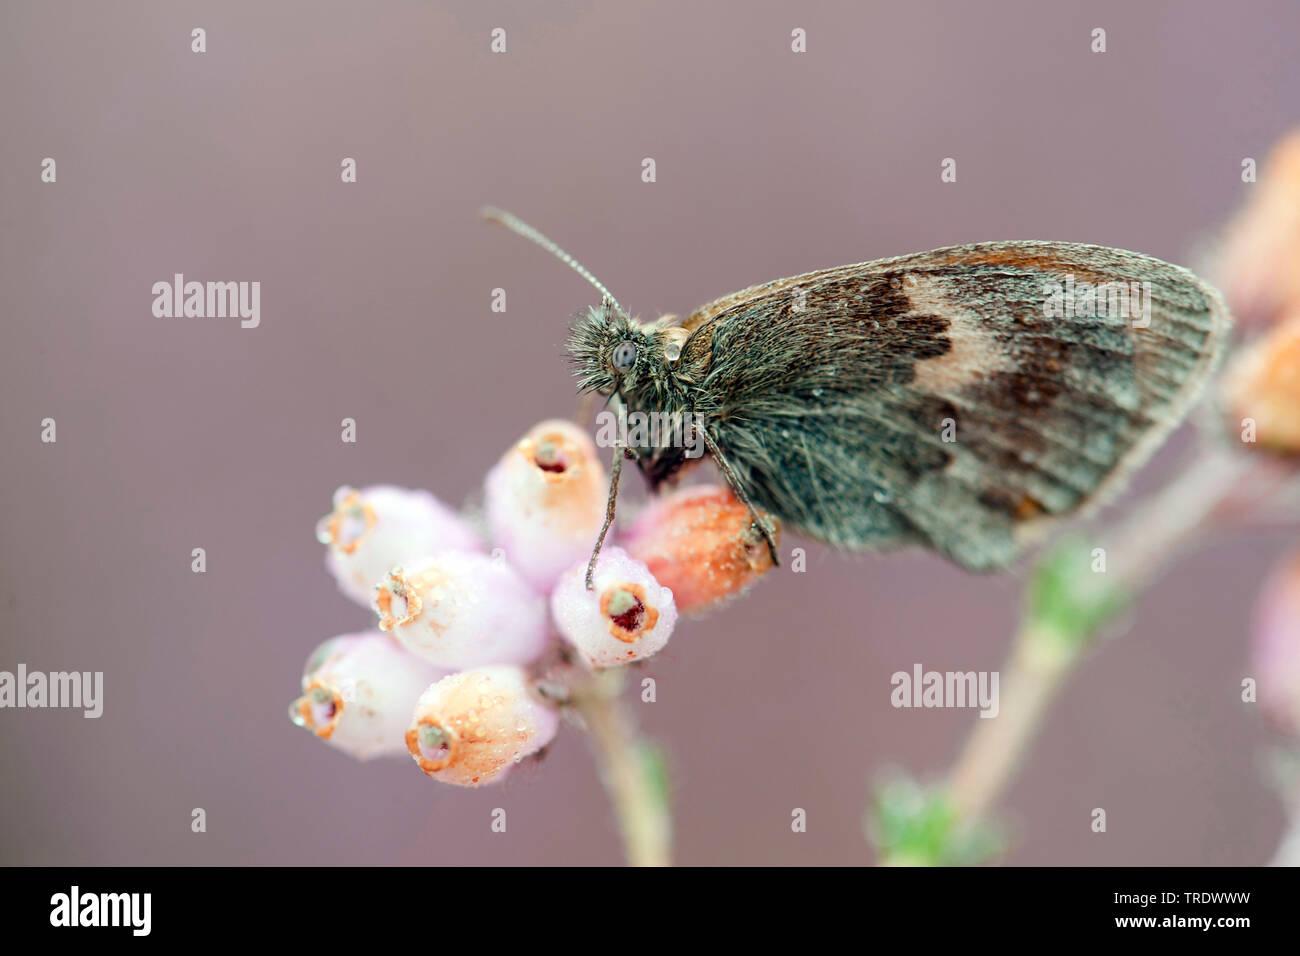 Kleines Wiesenvoegelchen, Wiesen-Voegelchen, Wiesenvoegelchen, Kleiner Heufalter (Coenonympha pamphilus), auf Glockenheide, von Morgentau benetzt, Nie - Stock Image